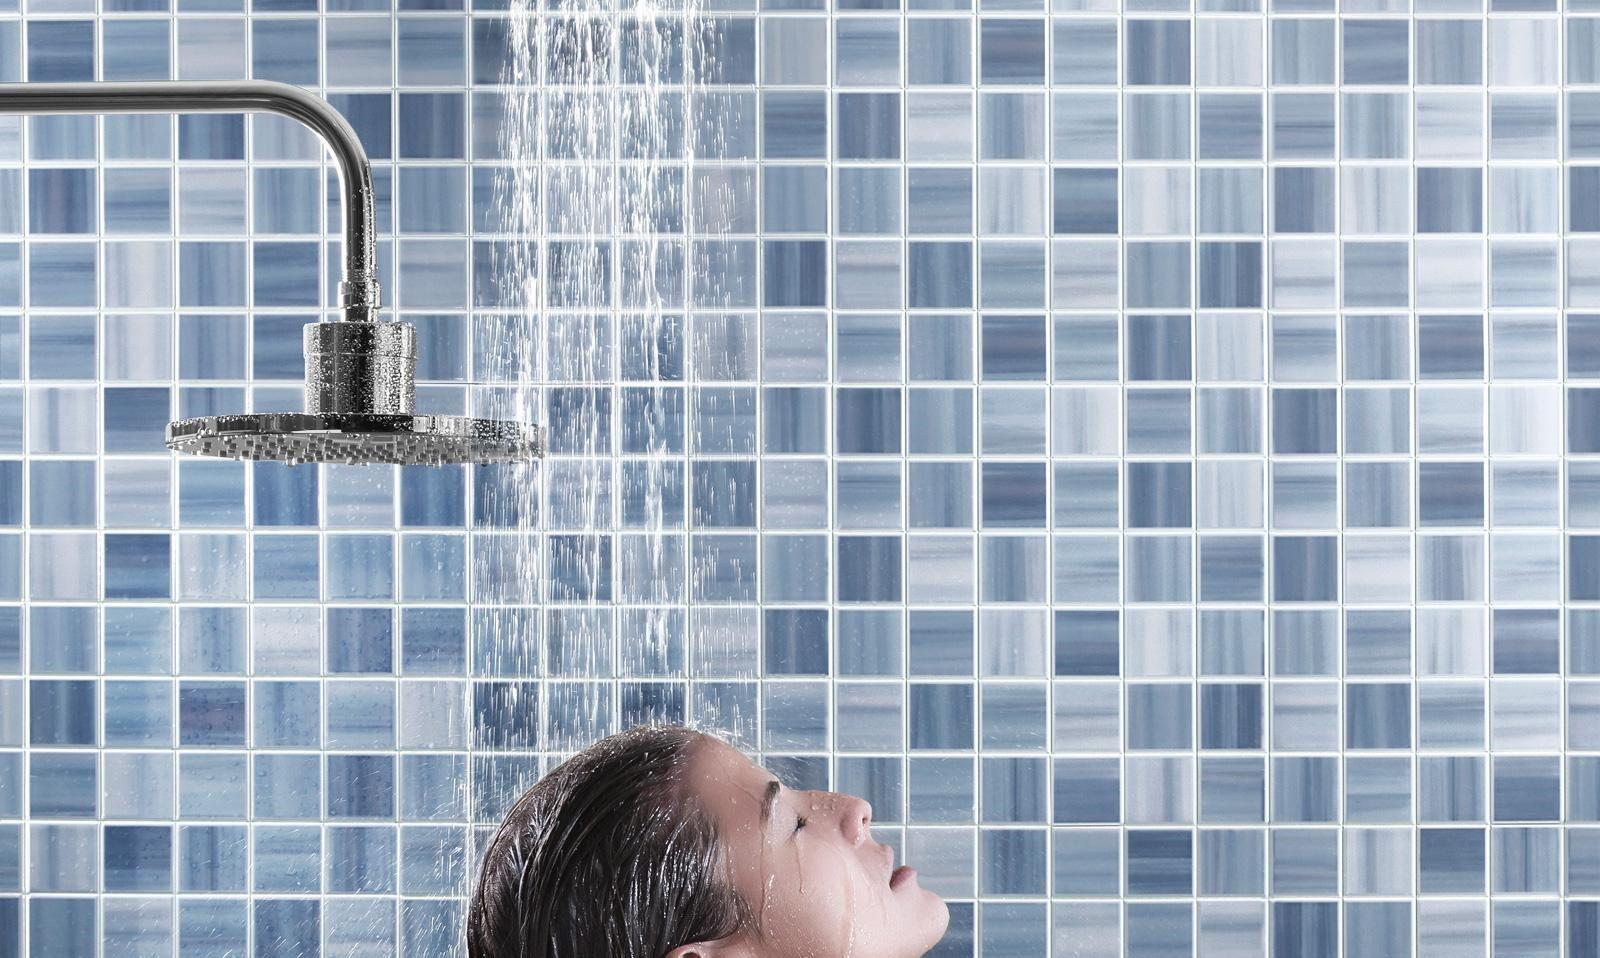 7 فوائد مذهلة للاستحمام بالماء البارد في الصباح